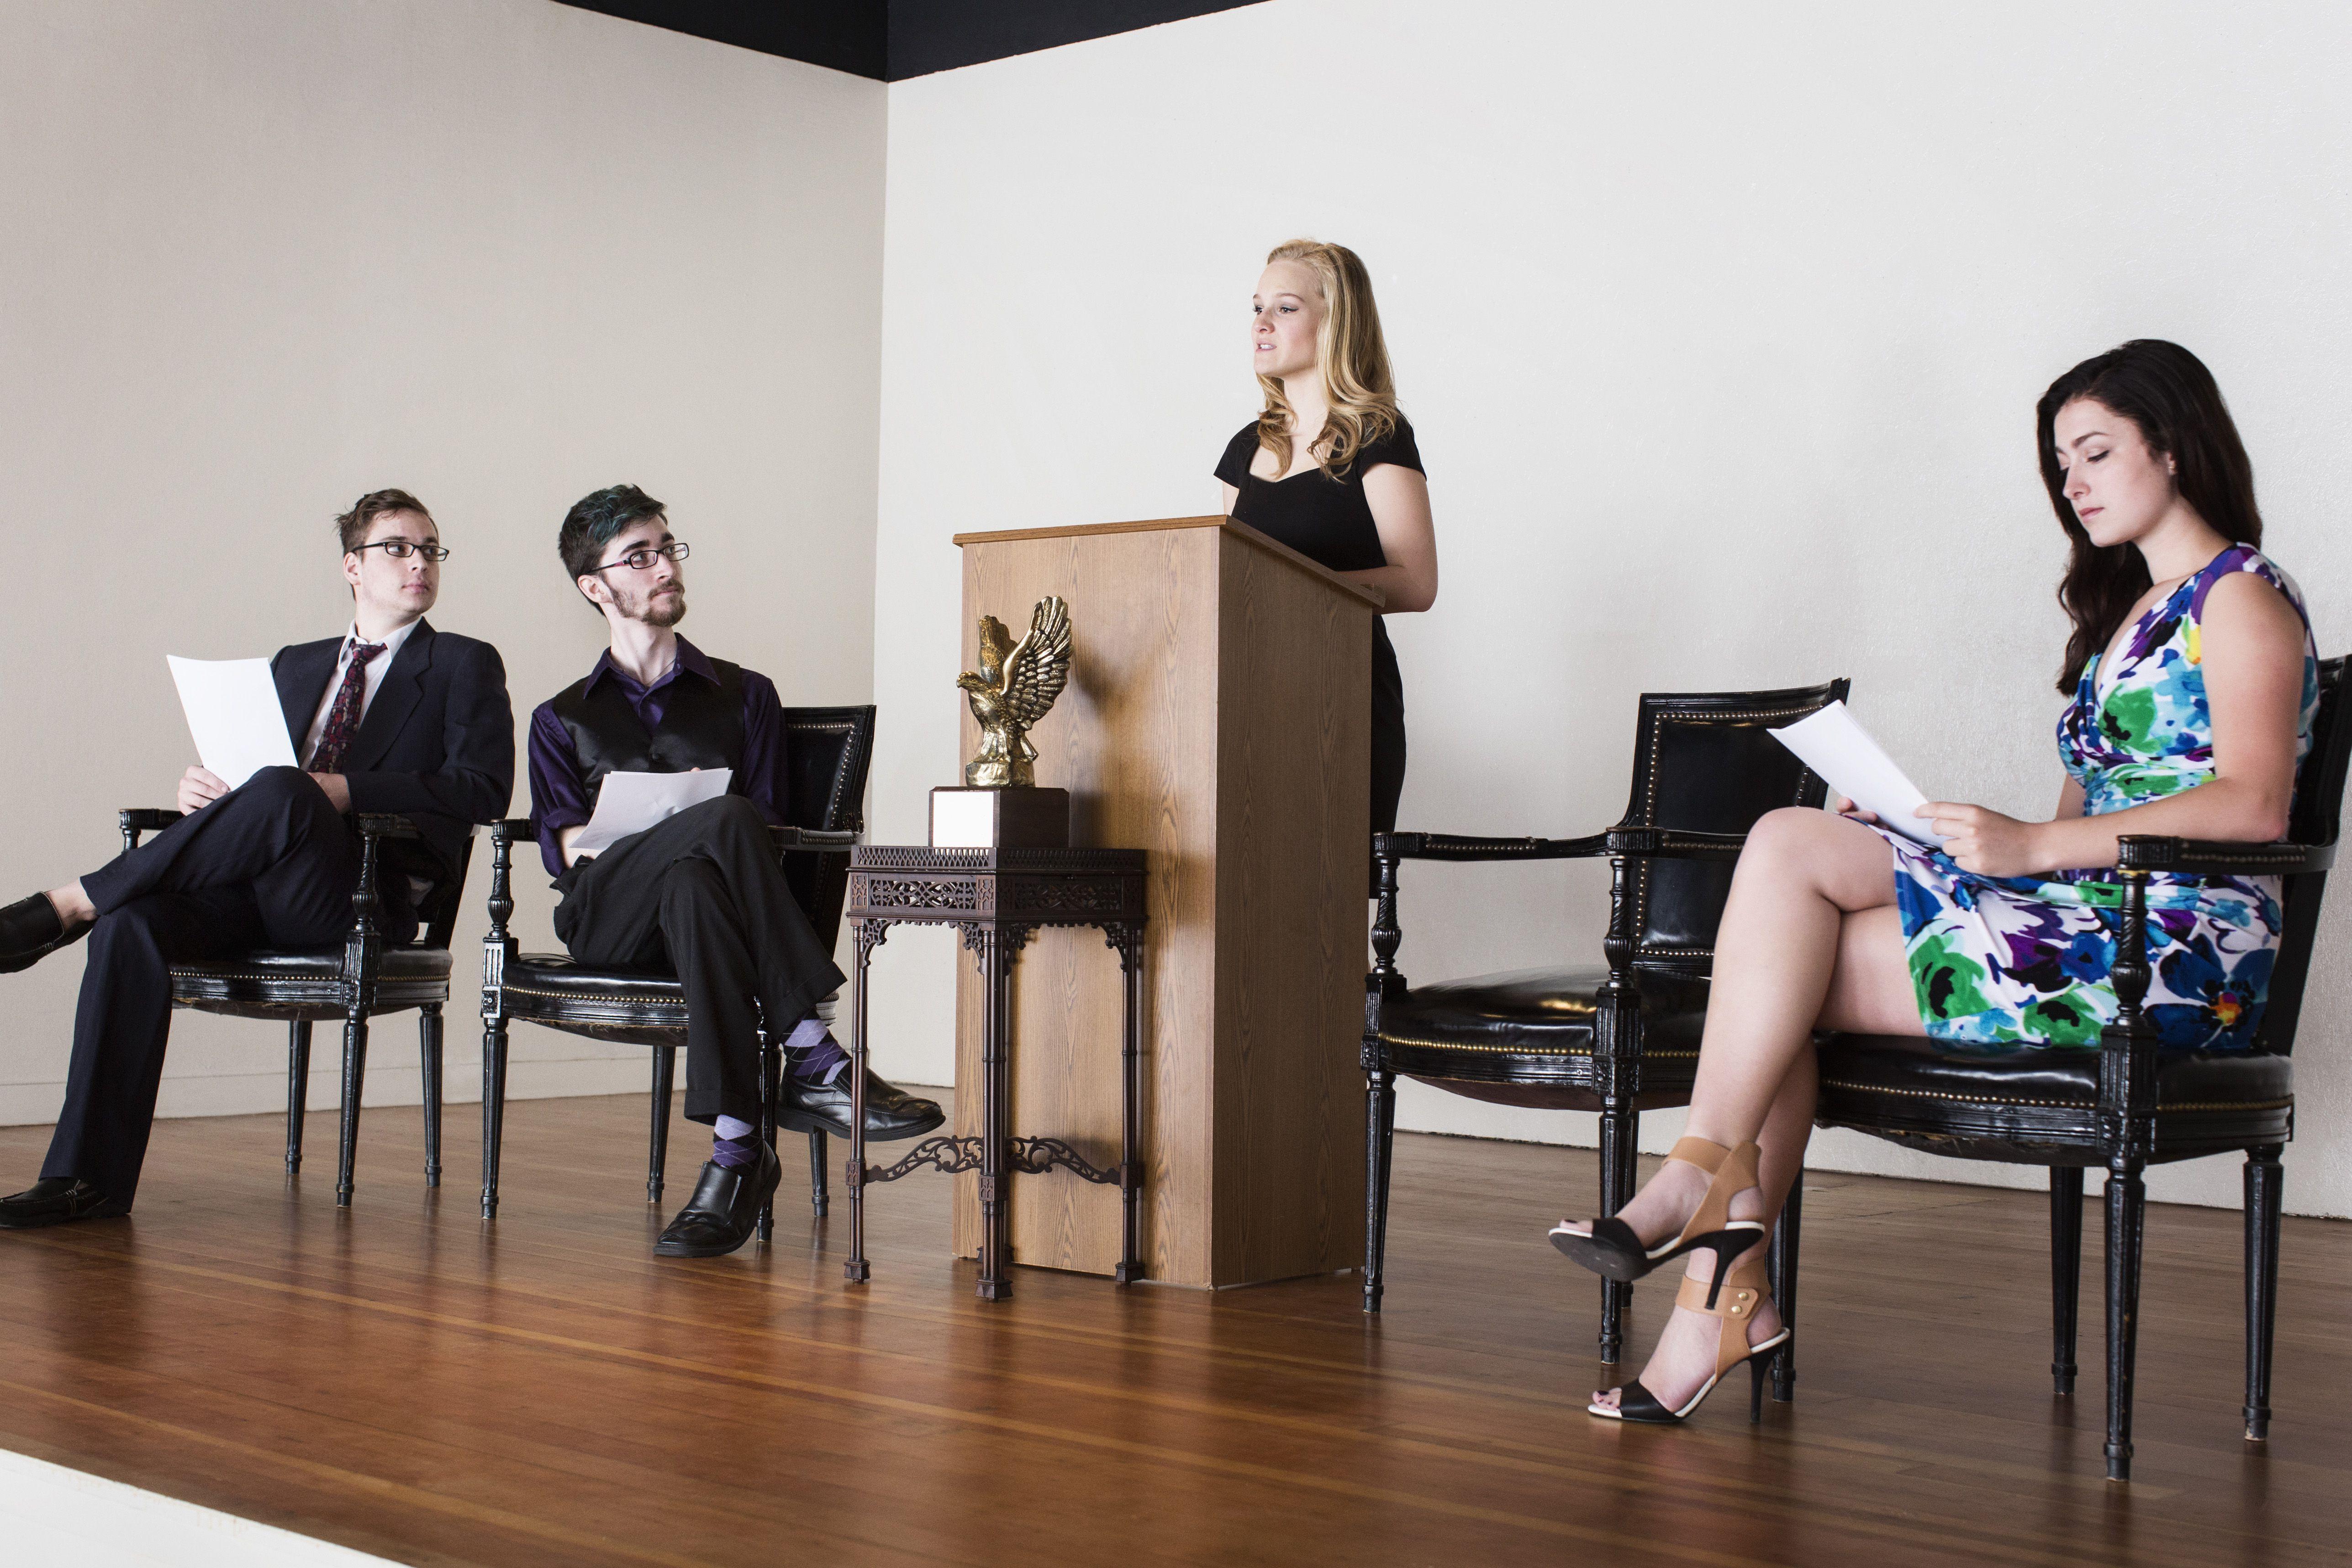 Debate team speaking on stage